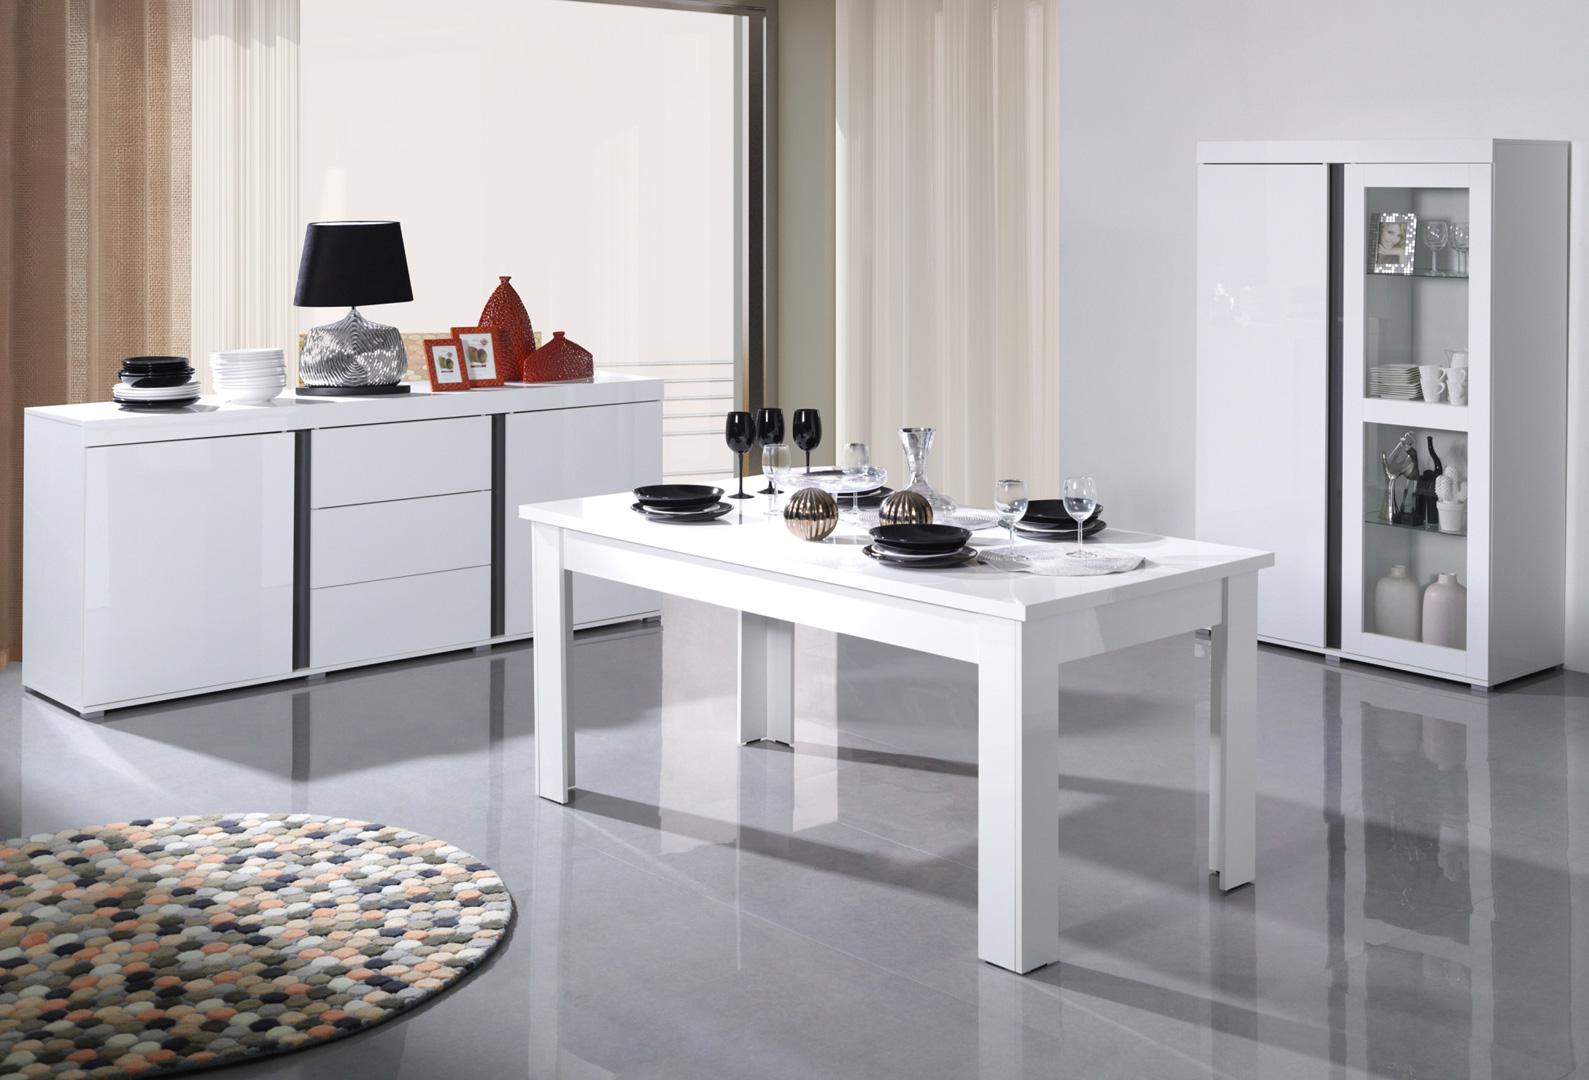 Salle manger design gris blanc laqu camilla matelpro - Salle a manger blanc laque ...